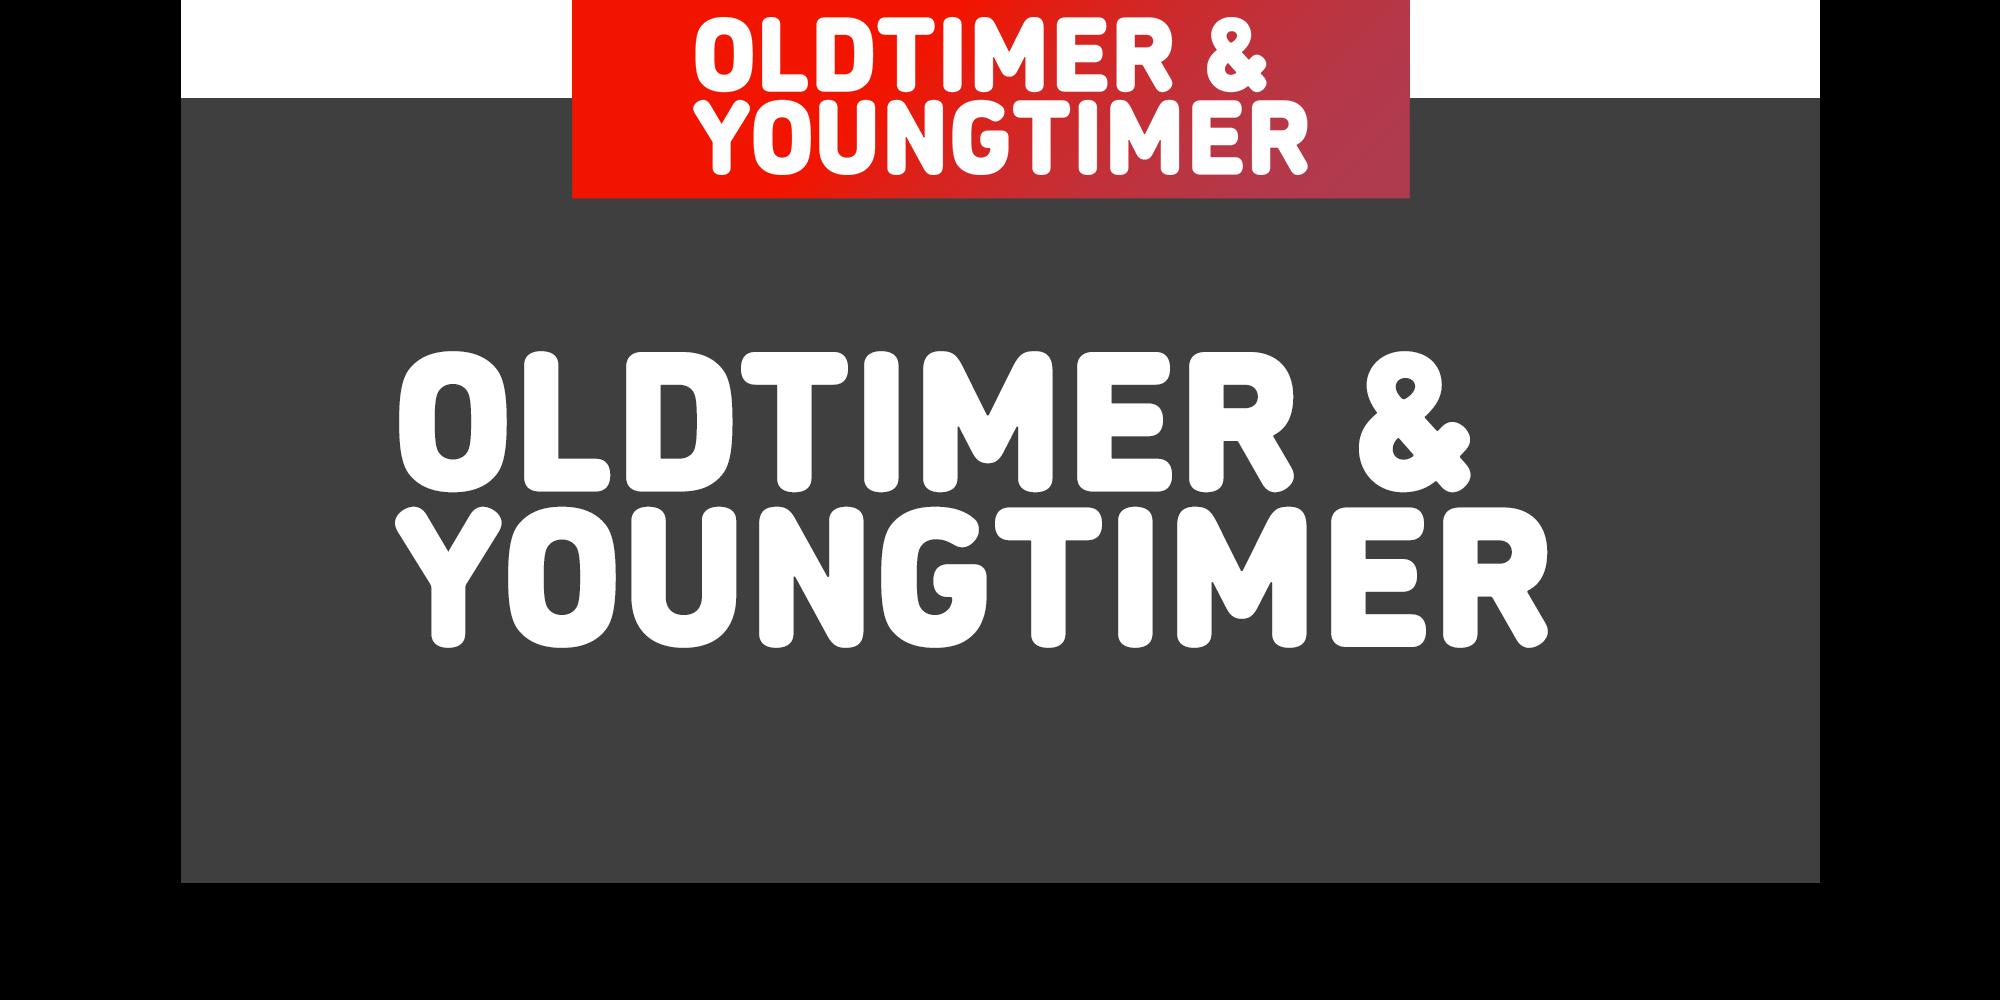 Oldtimer.jpg